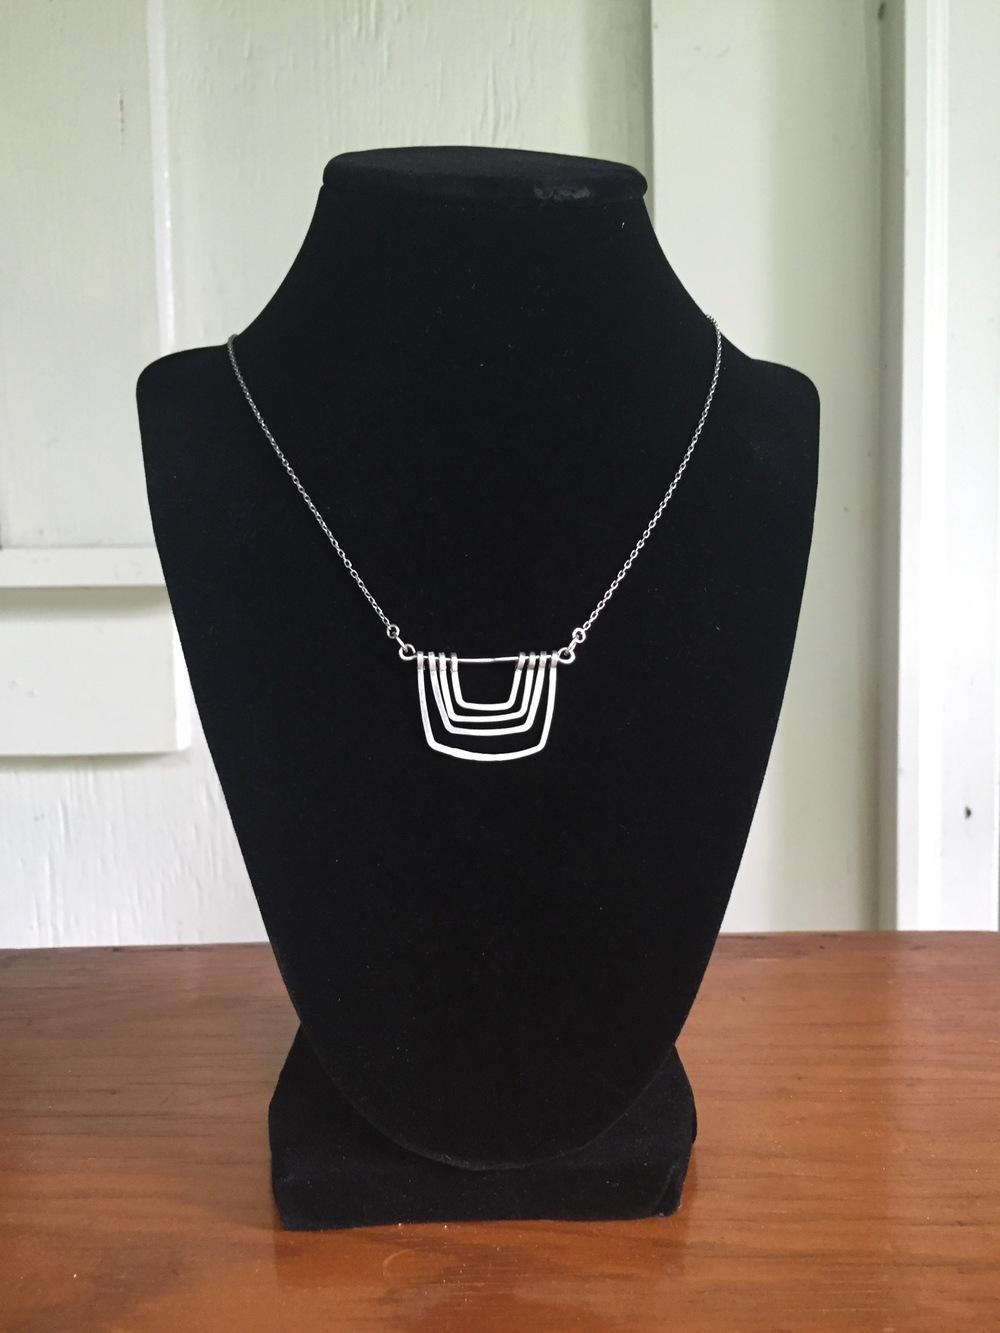 Four Square Aluminum Necklace - $30